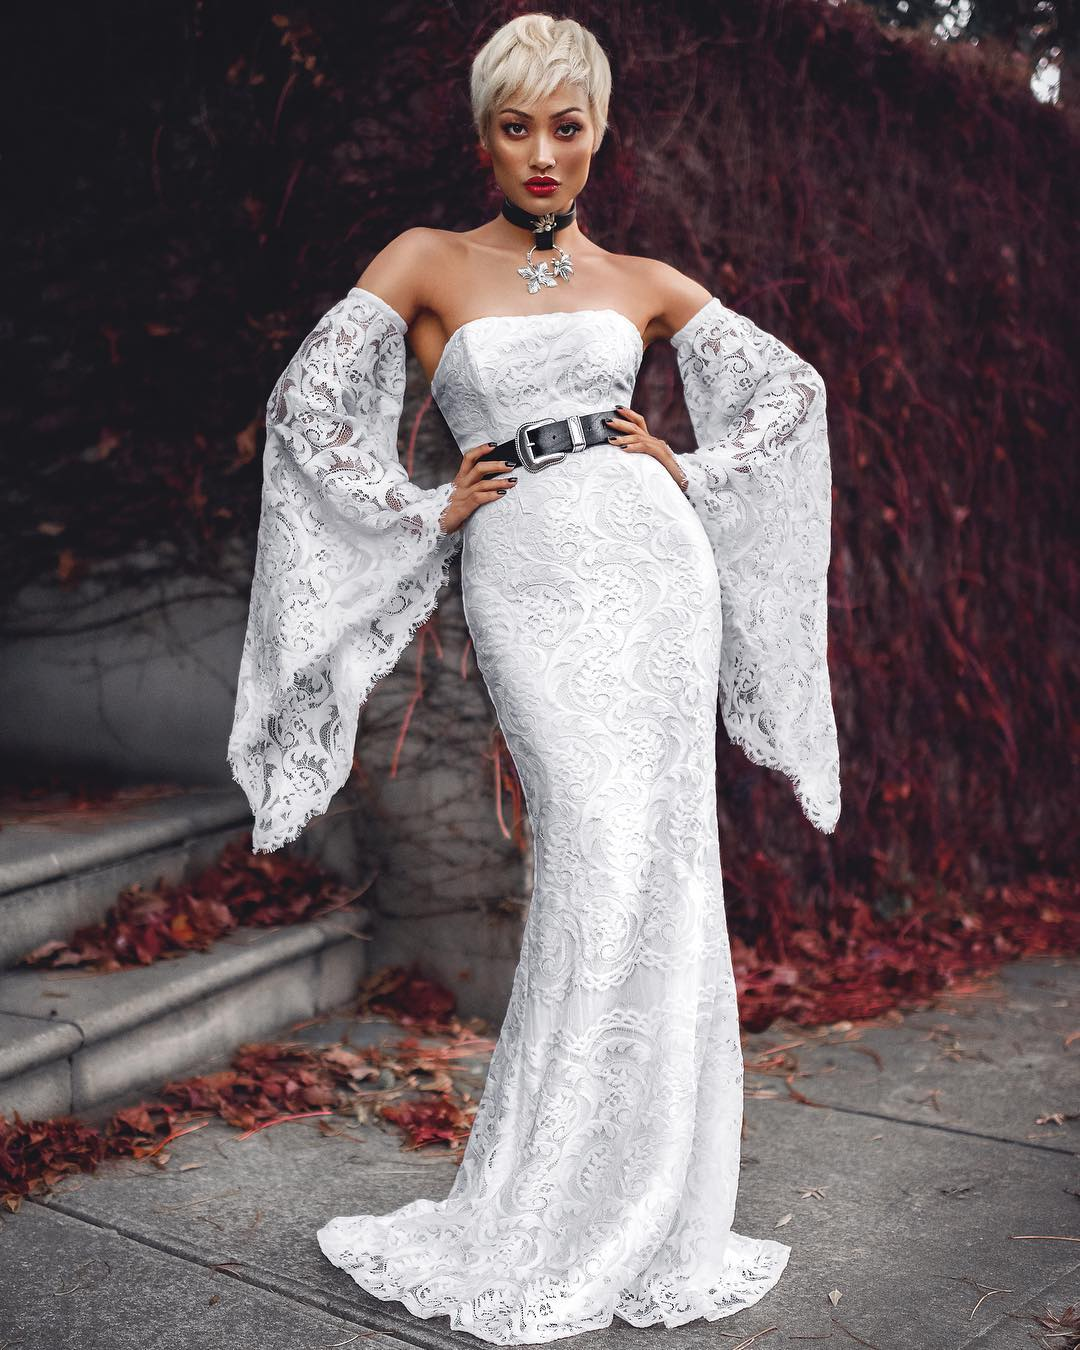 16 Модни Вечерни Рокли, Стилни и Съблазнителни модели за Елегантни Дами